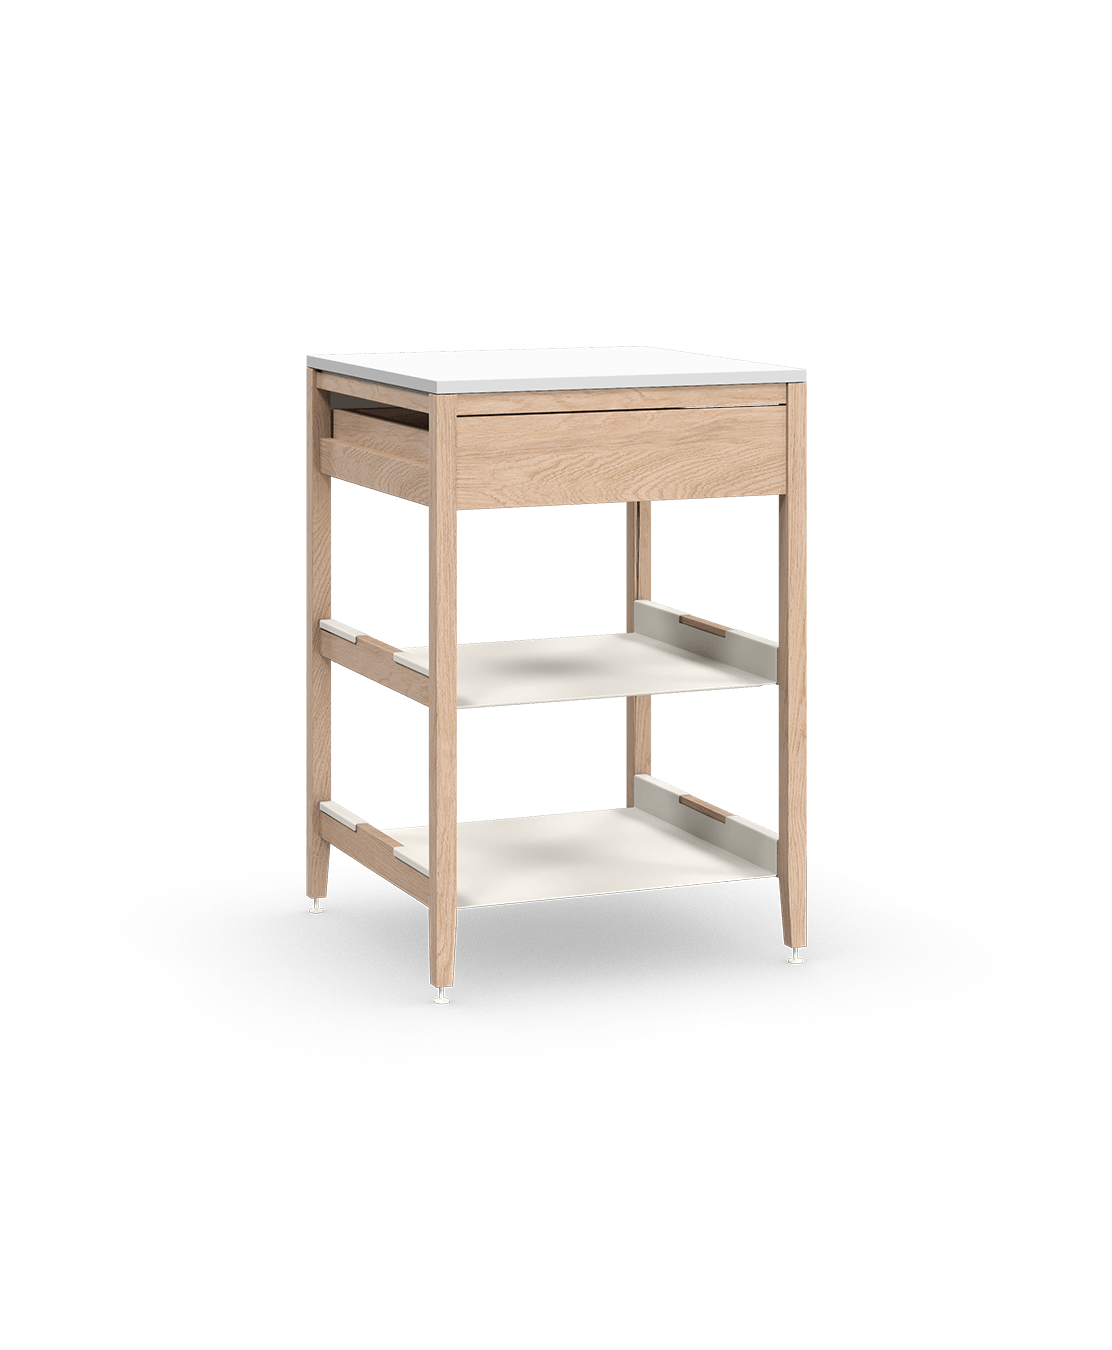 armoire de cuisine modulaire inférieure en bois massif coquo radix avec 2 tablettes 1 tiroir chêne blanc 27 pouces C1-C-27SB-1023-NA